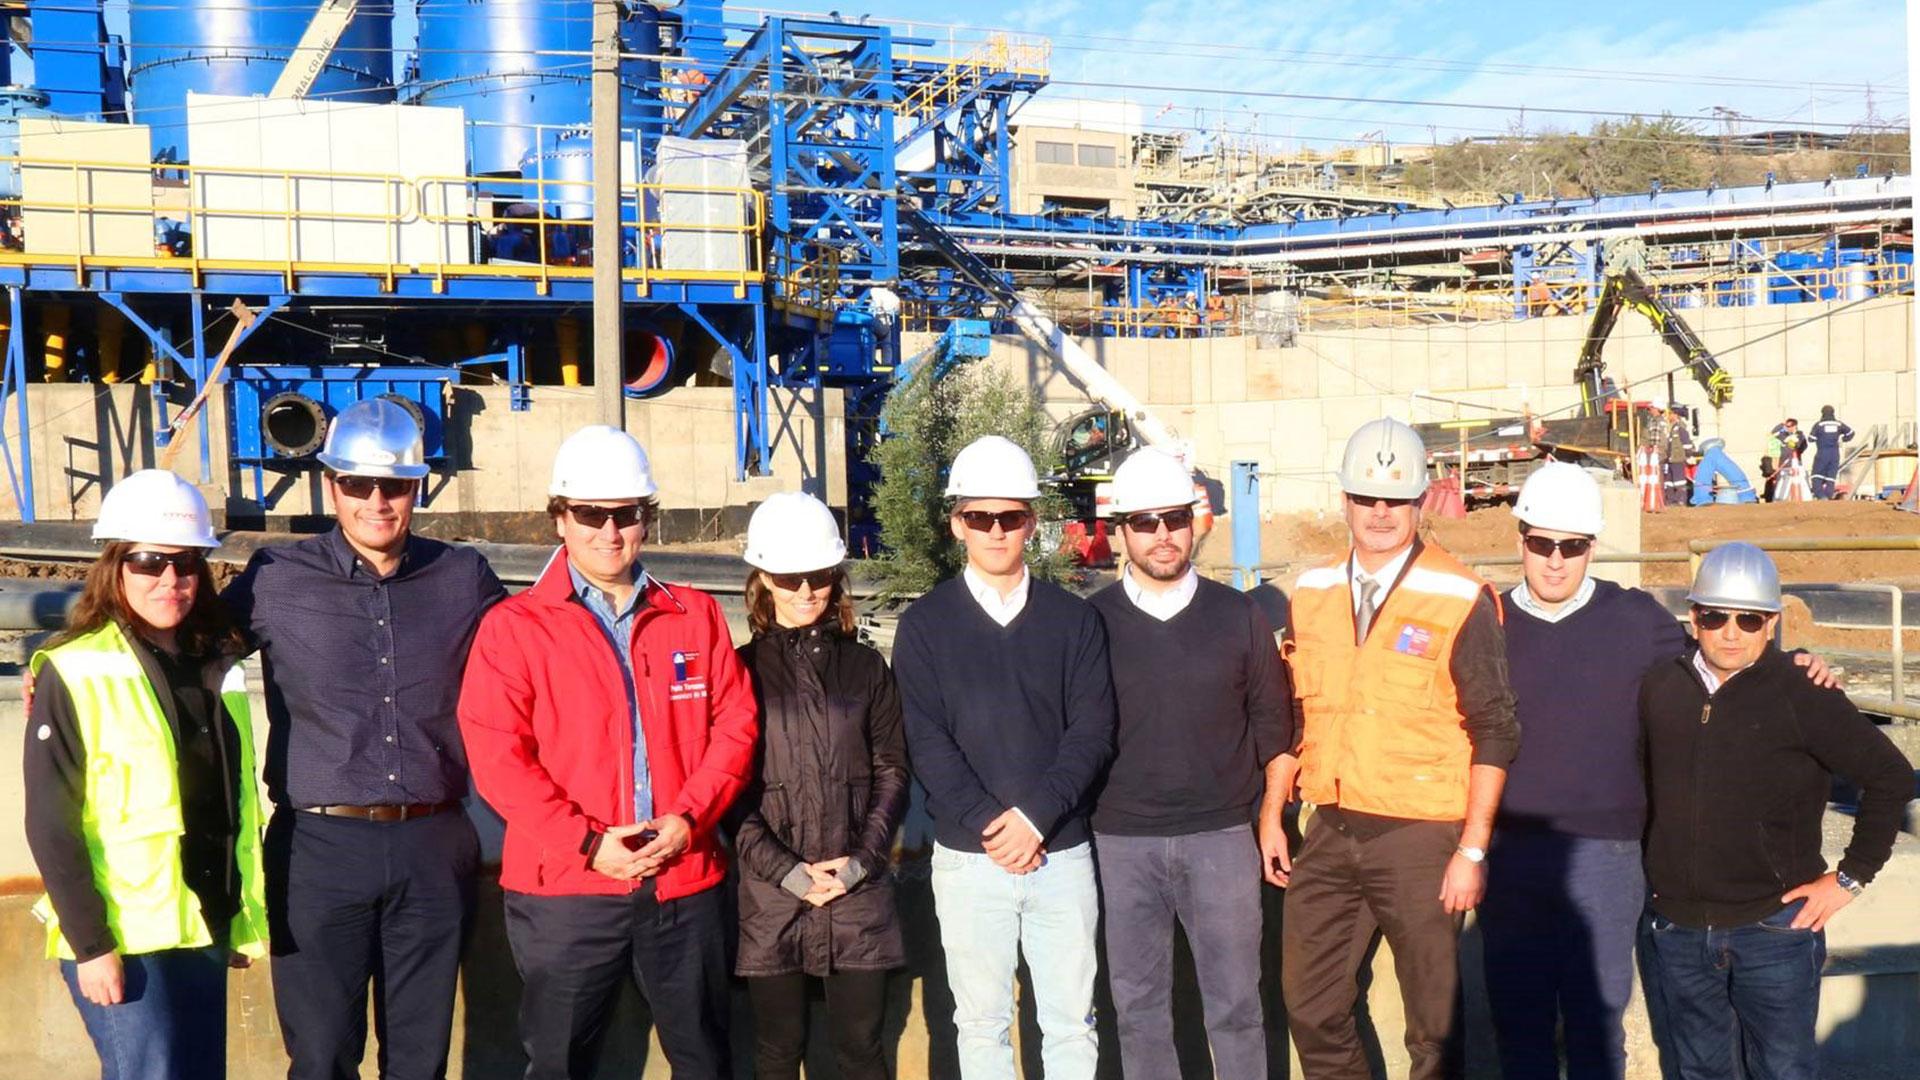 Delegación liderada por Subsecretario de Minería visita Minera Valle Central